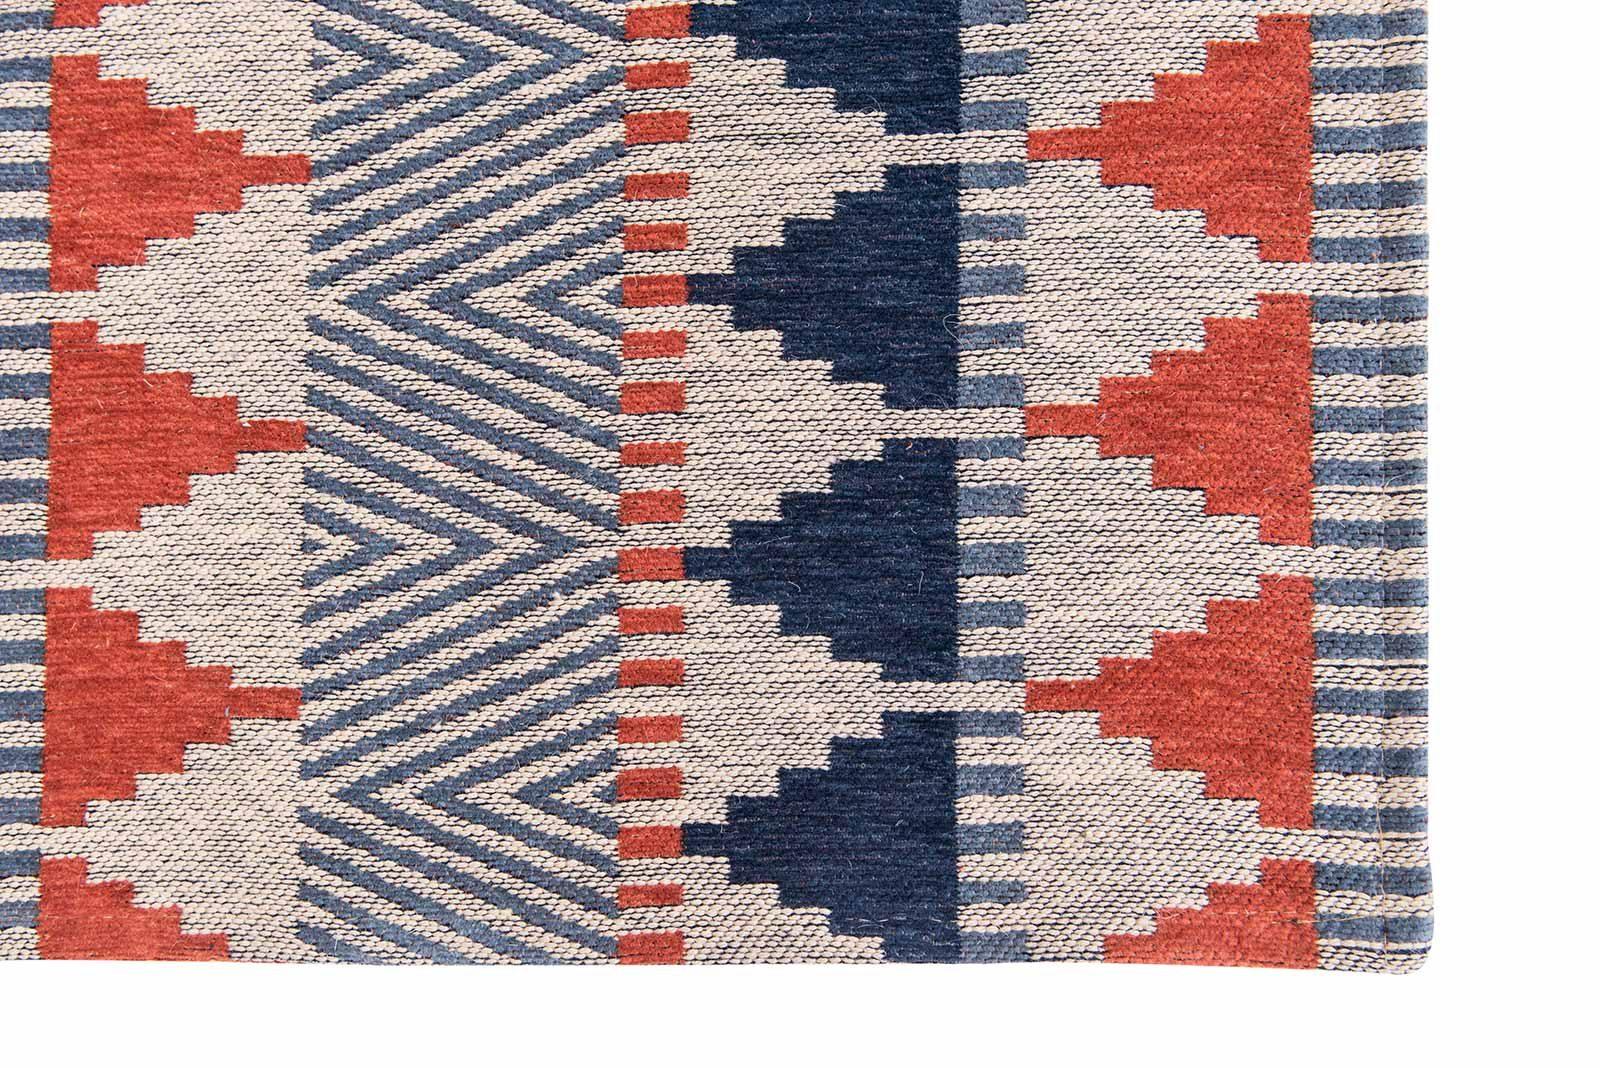 Louis De Poortere rugs Villa Nova LX 8767 Tobi Indigo Tabasco corner